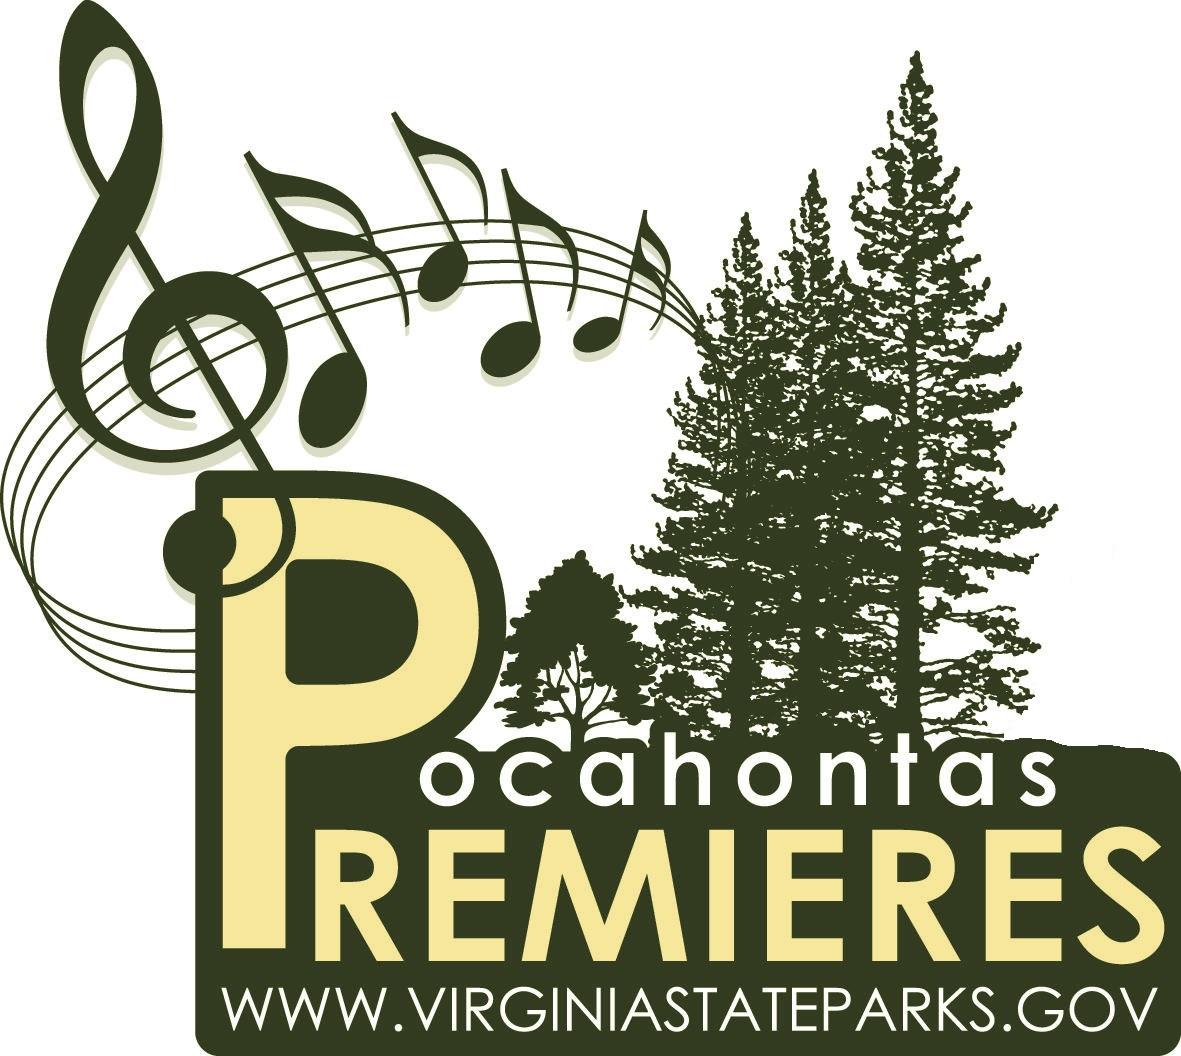 Pocahontas Premieres logo